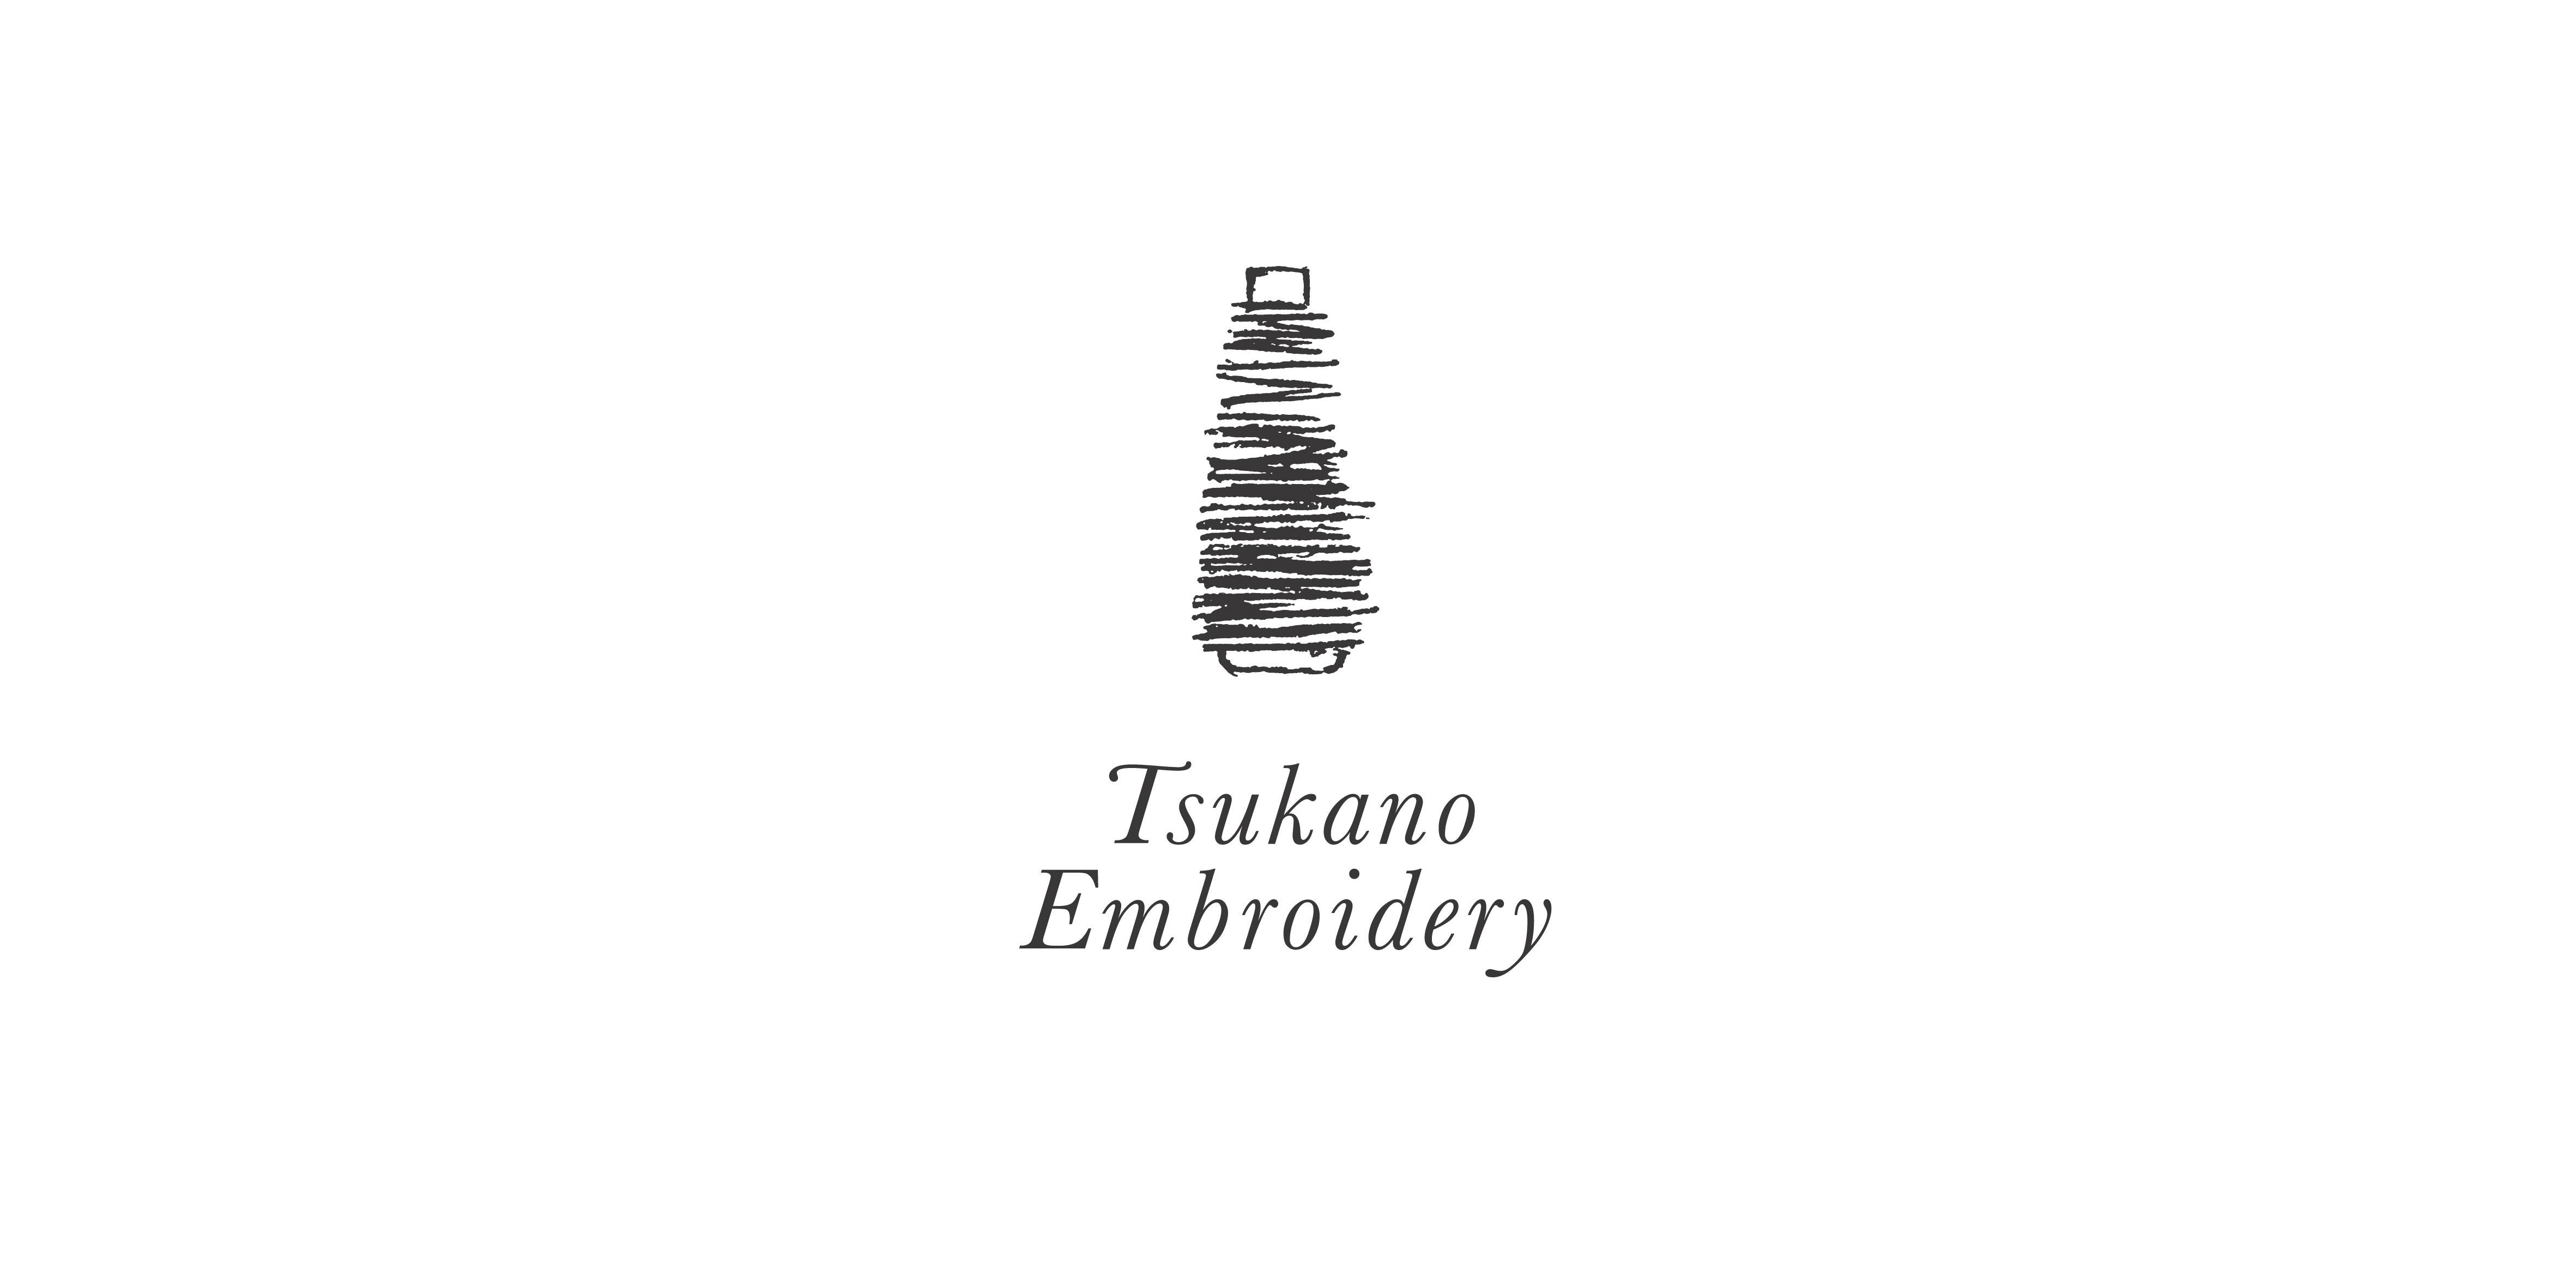 TSUKANOemb2-01